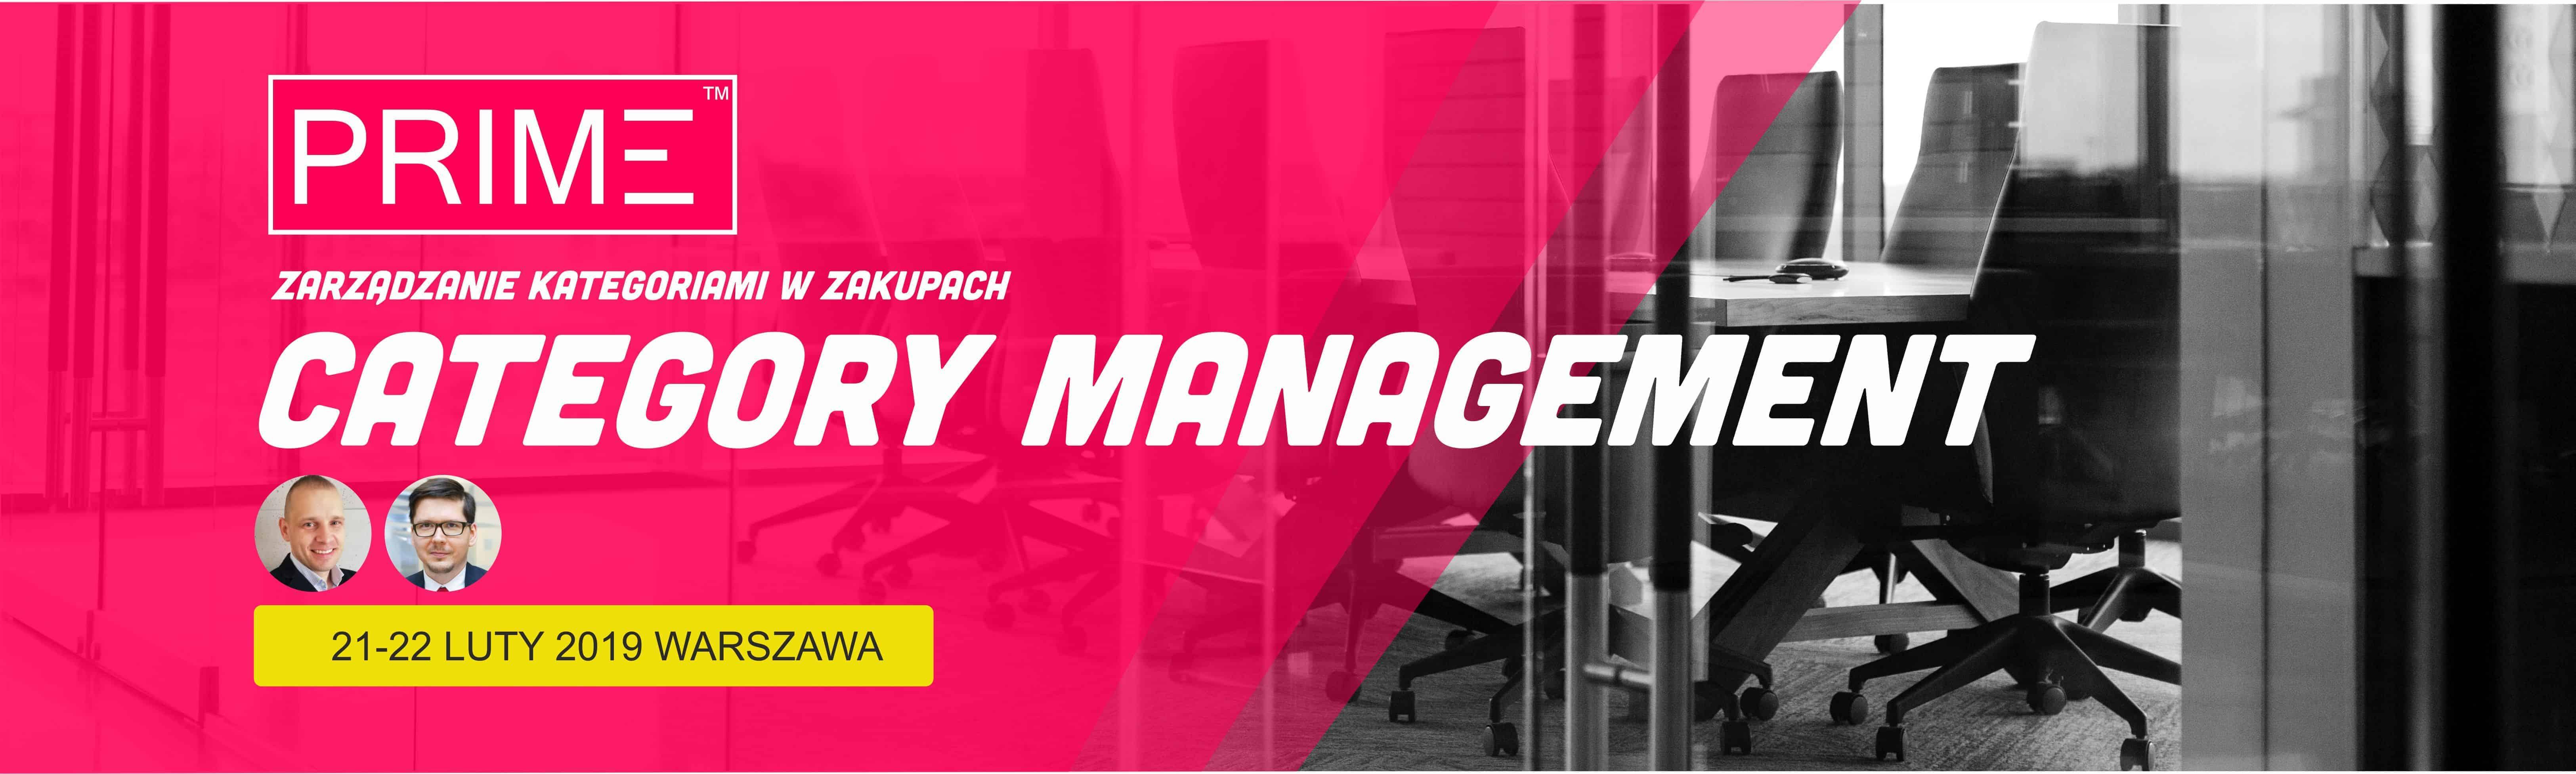 category management, zarządzanie zakupami, strategie zakupowe, szkolenie